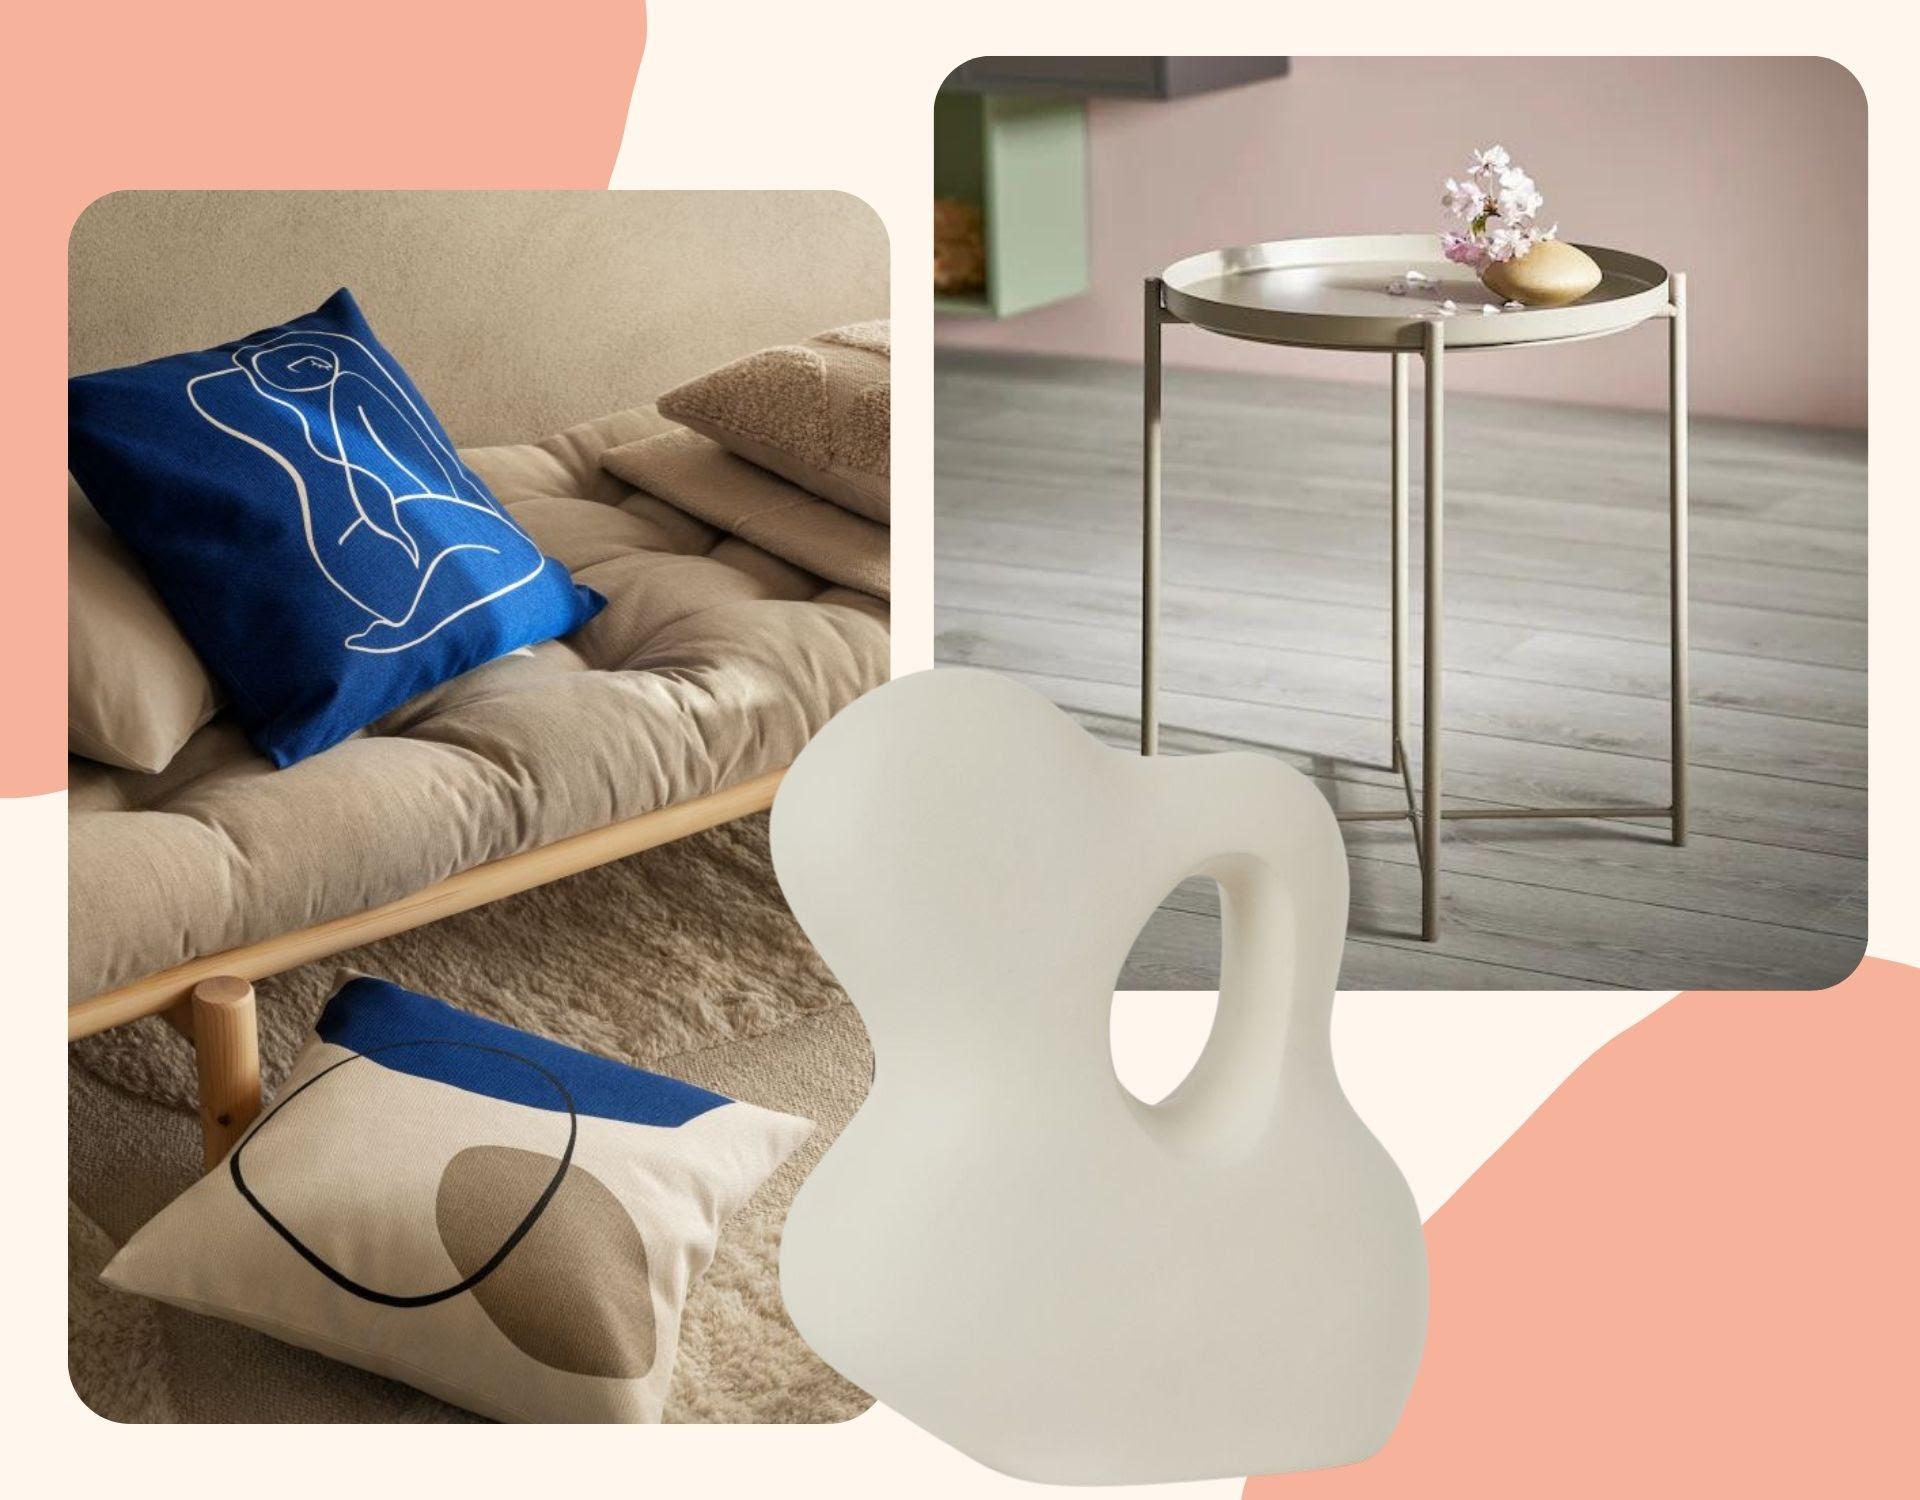 Ikea-Deko: Mit unter 30€ wird dein Zuhause zur Designerbude